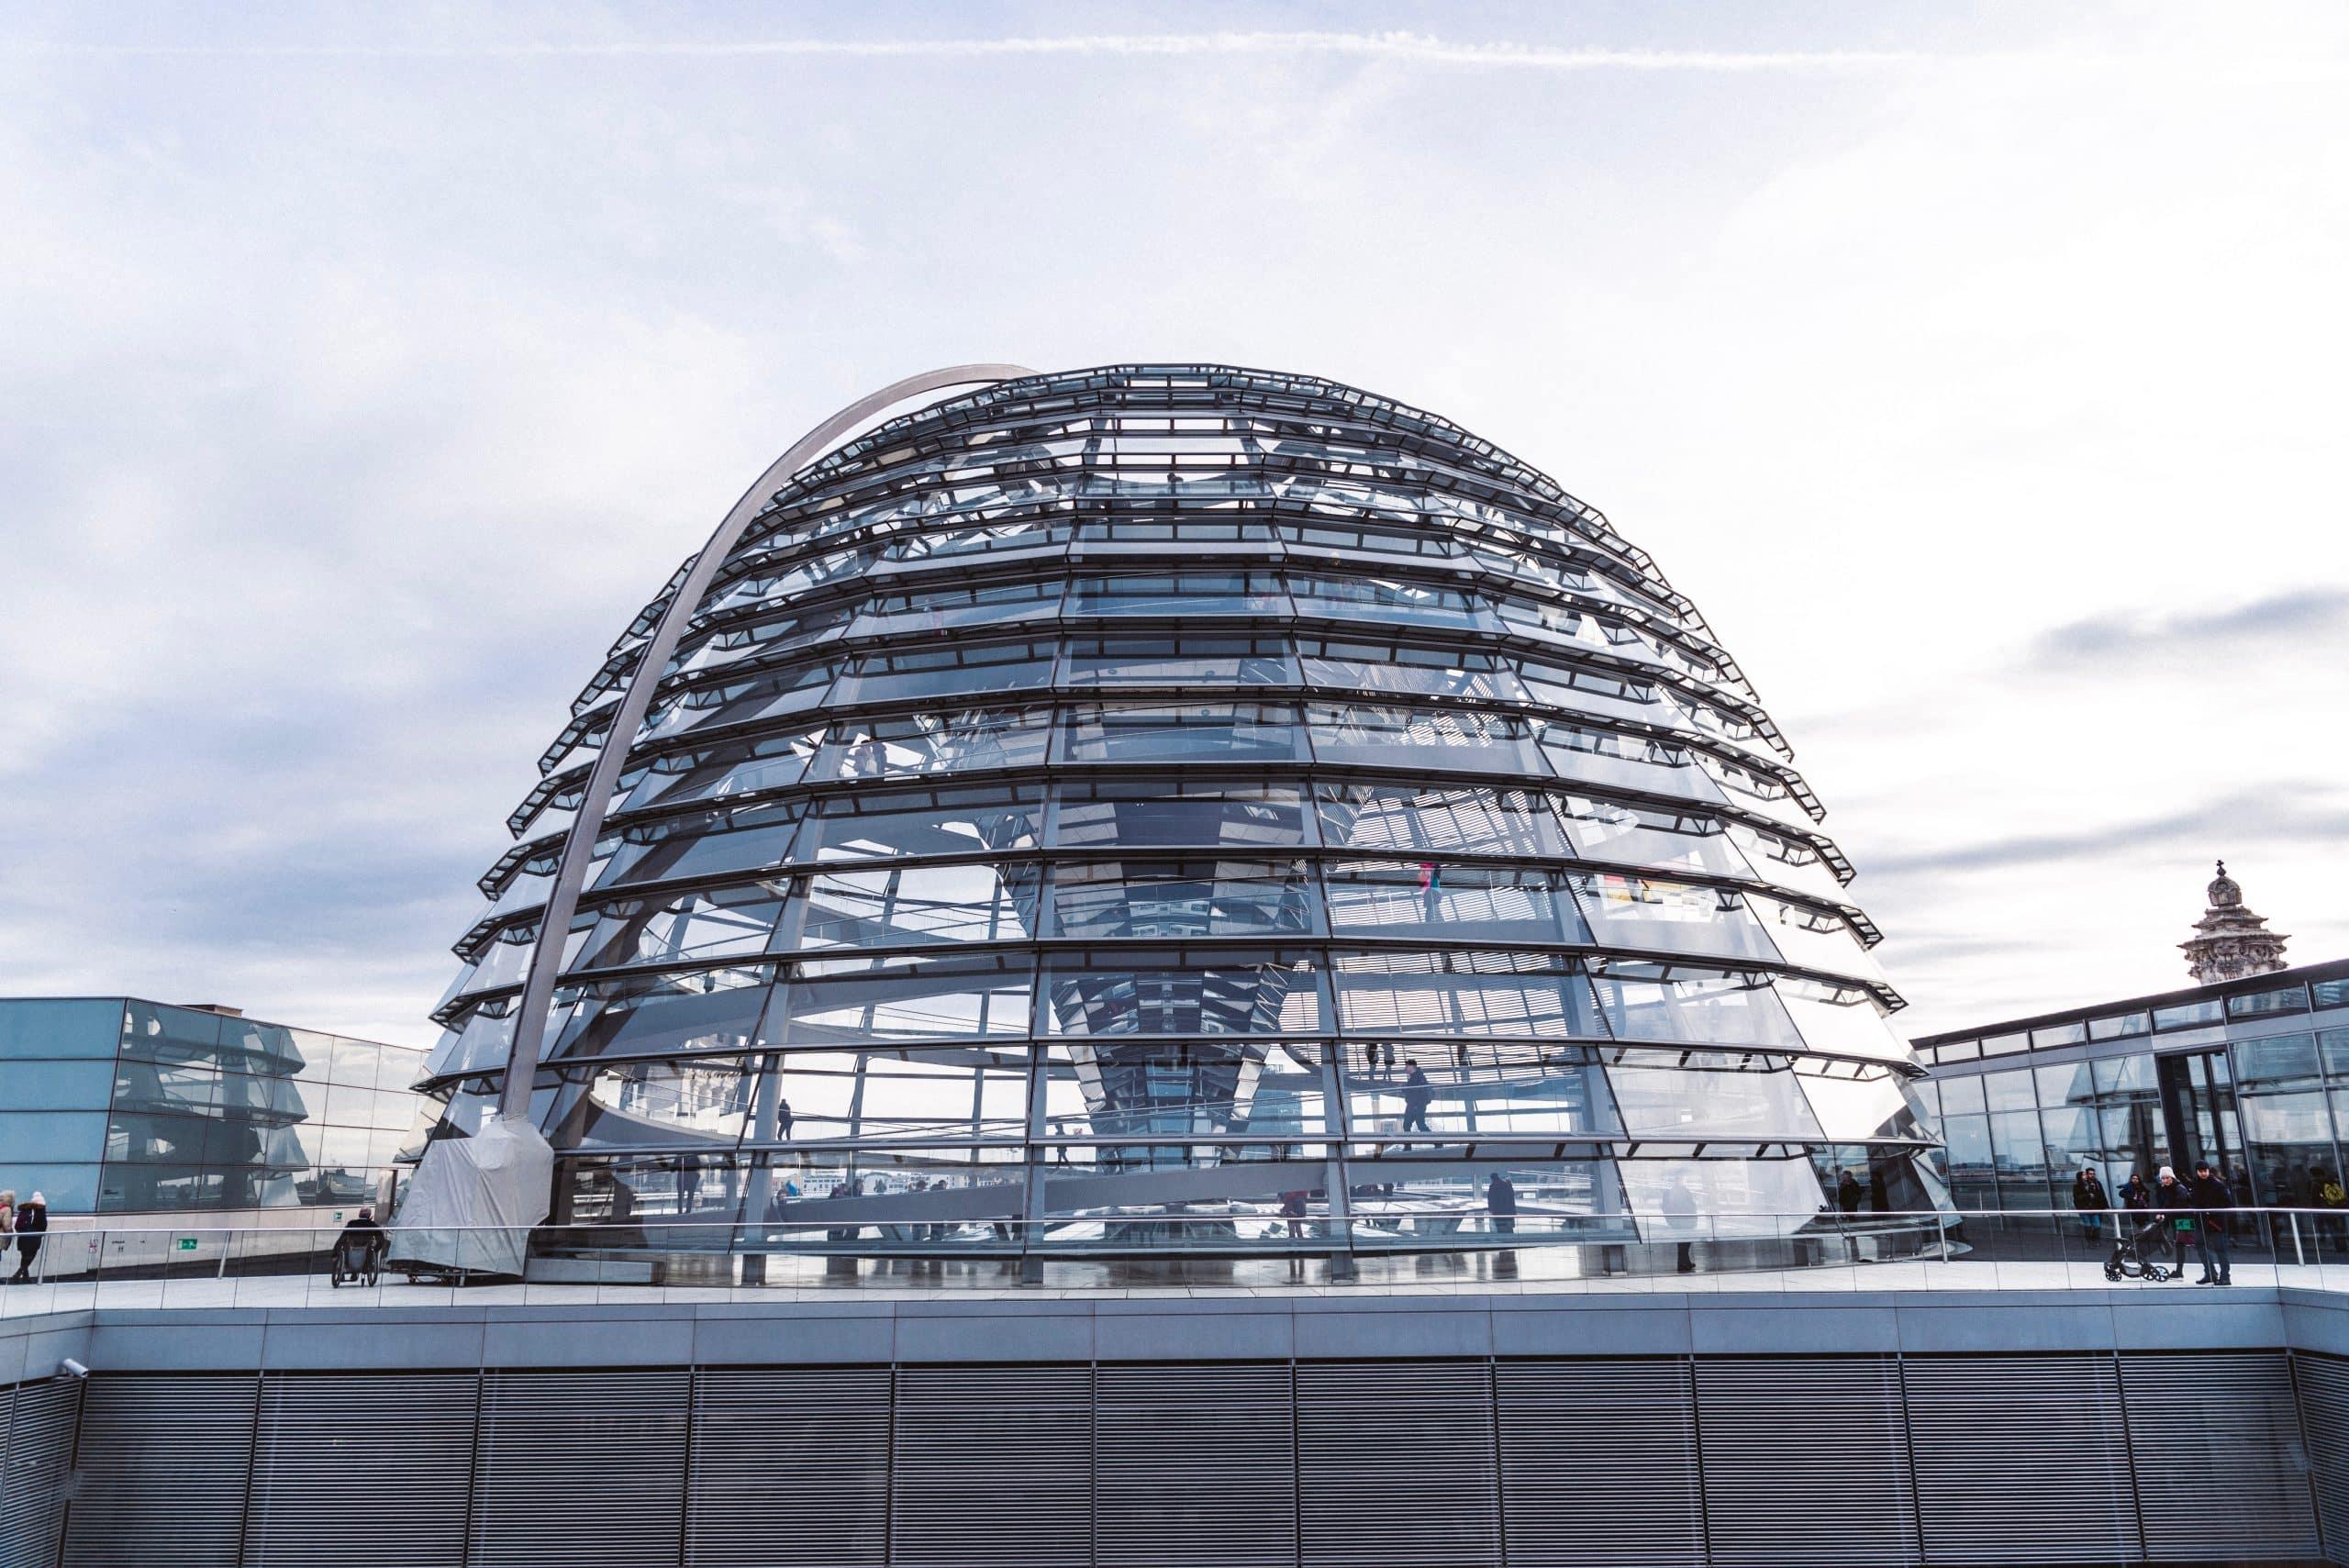 Berliner reichstagskuppel deutscher Bundestag